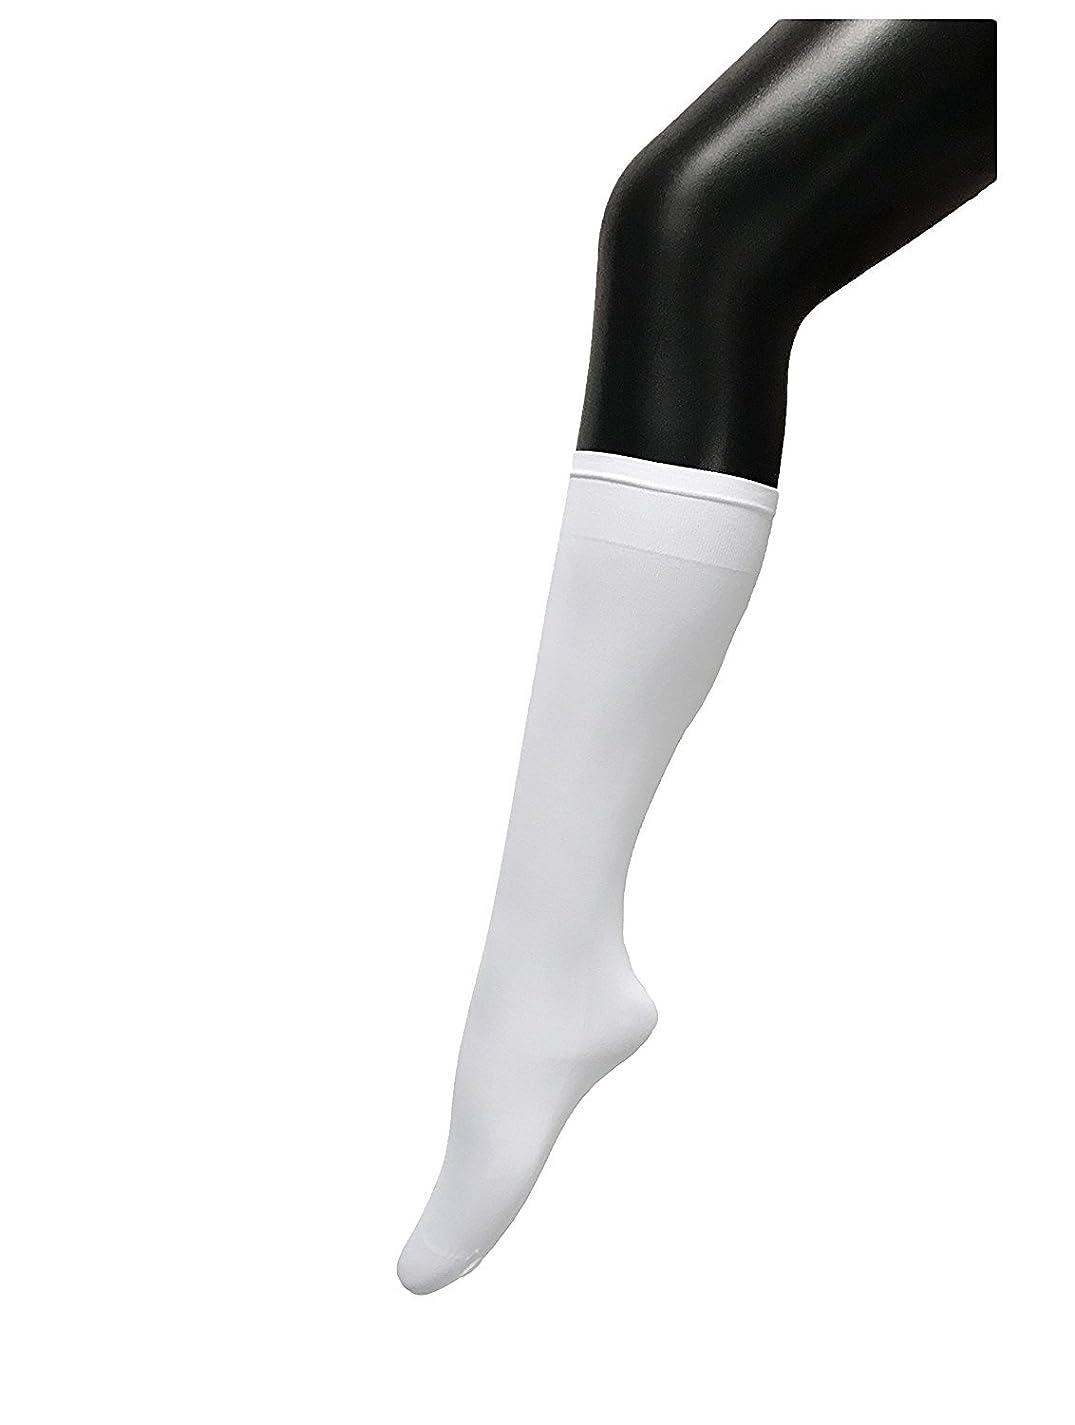 ステージ病透けるCOSCO ストッキング ソックス ニーソックス 膝下タイプ 着圧 美脚 40CM